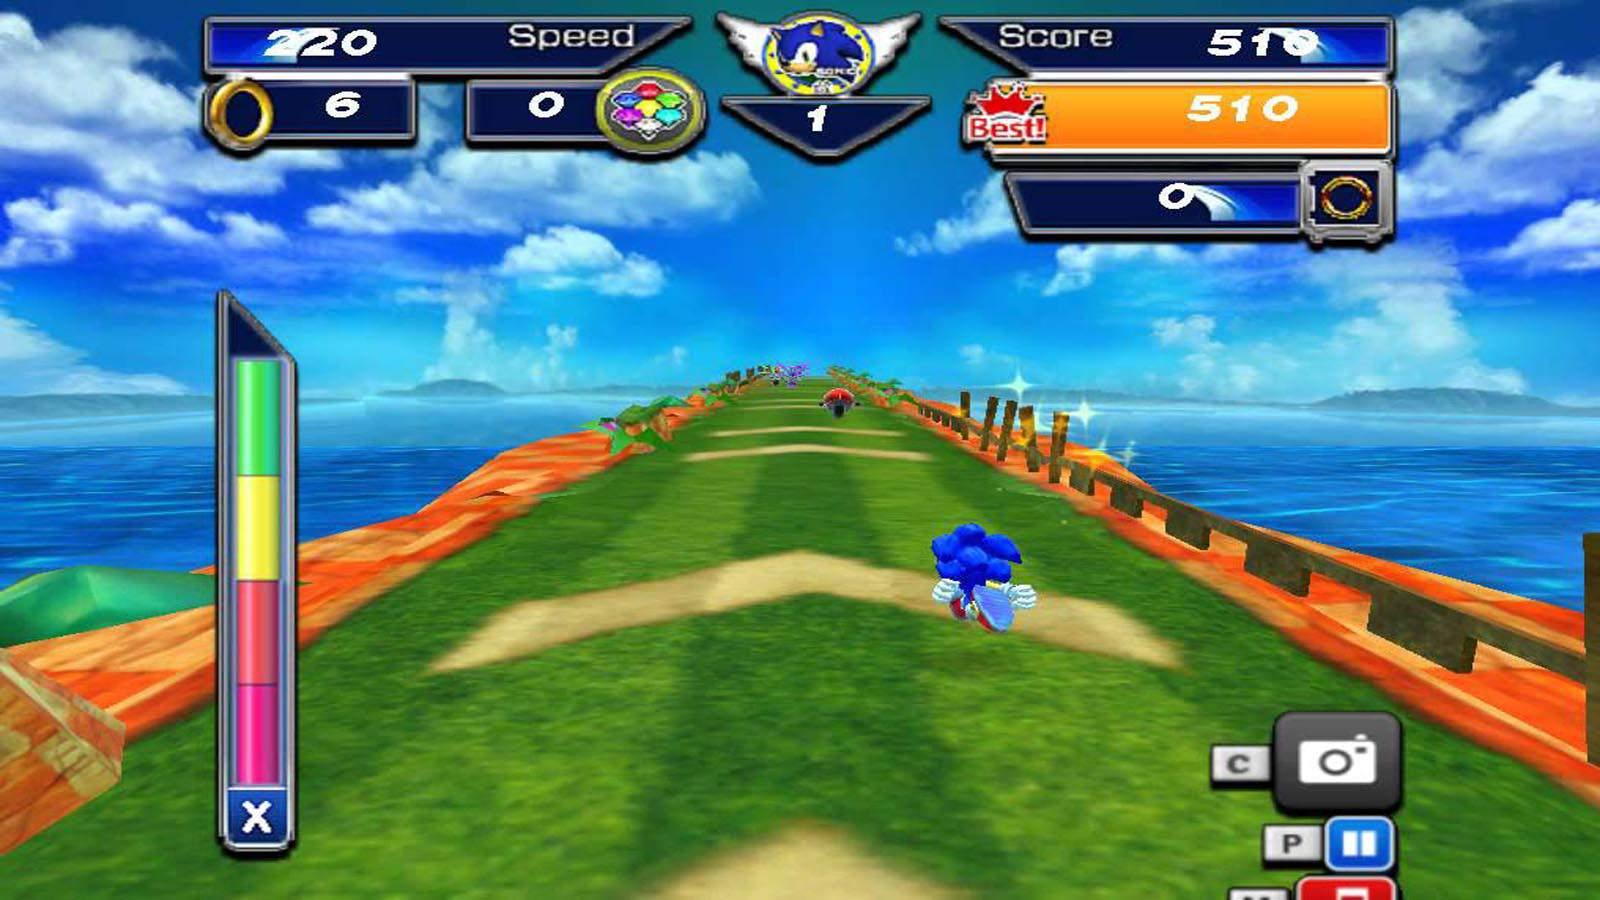 تحميل لعبة Sonic Boom مضغوطة برابط واحد مباشر كاملة مجانا